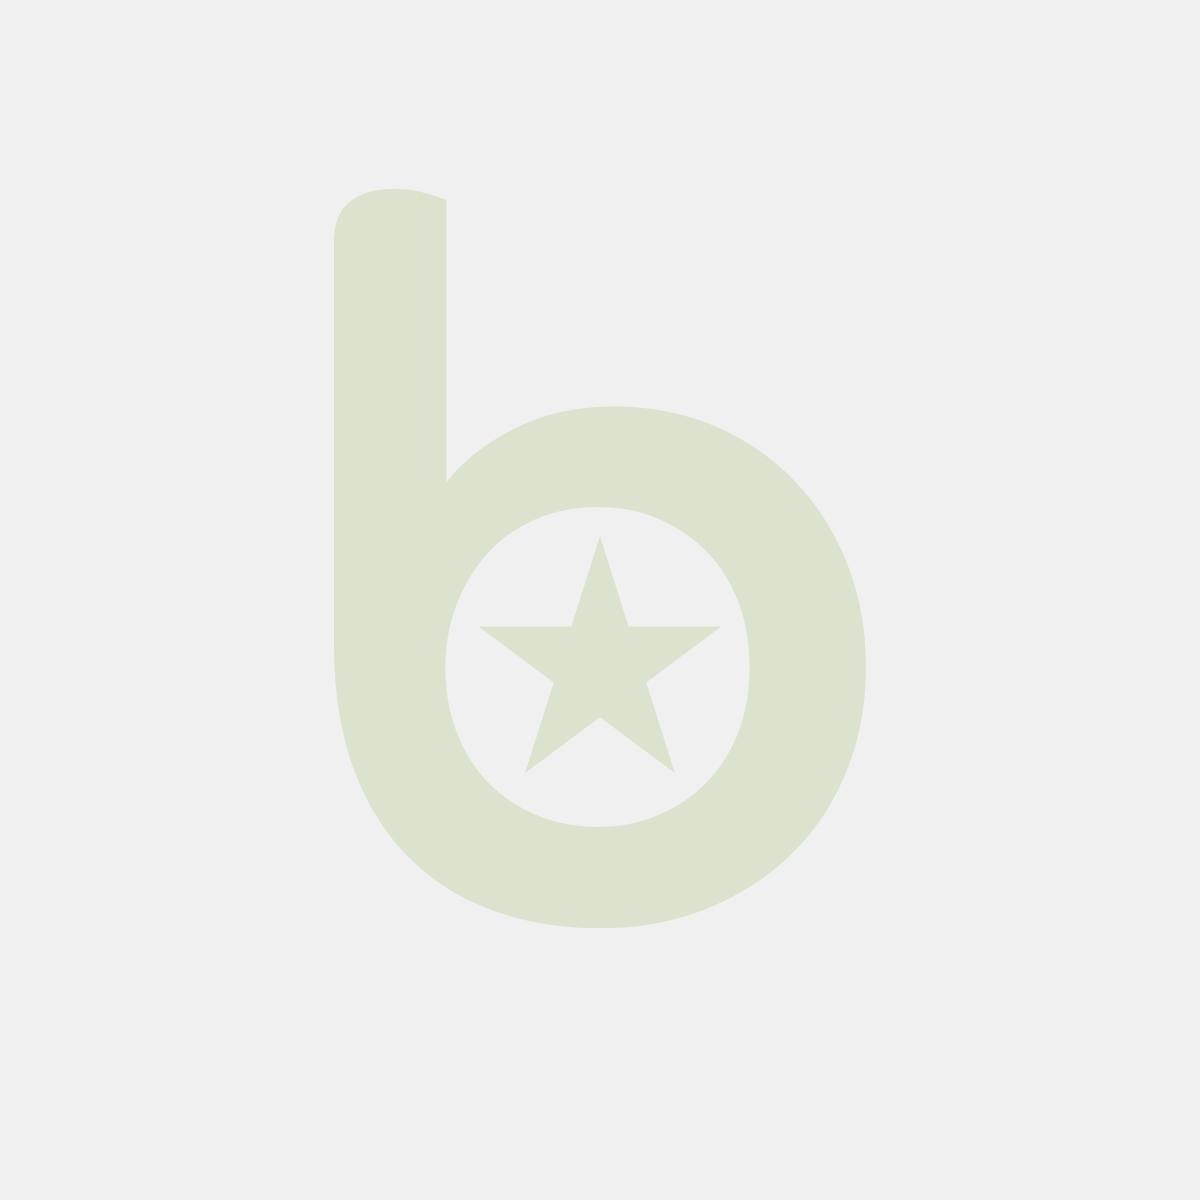 Ramka Magafram Durable, samoprzylepna, A6, srebrna, 4870-23